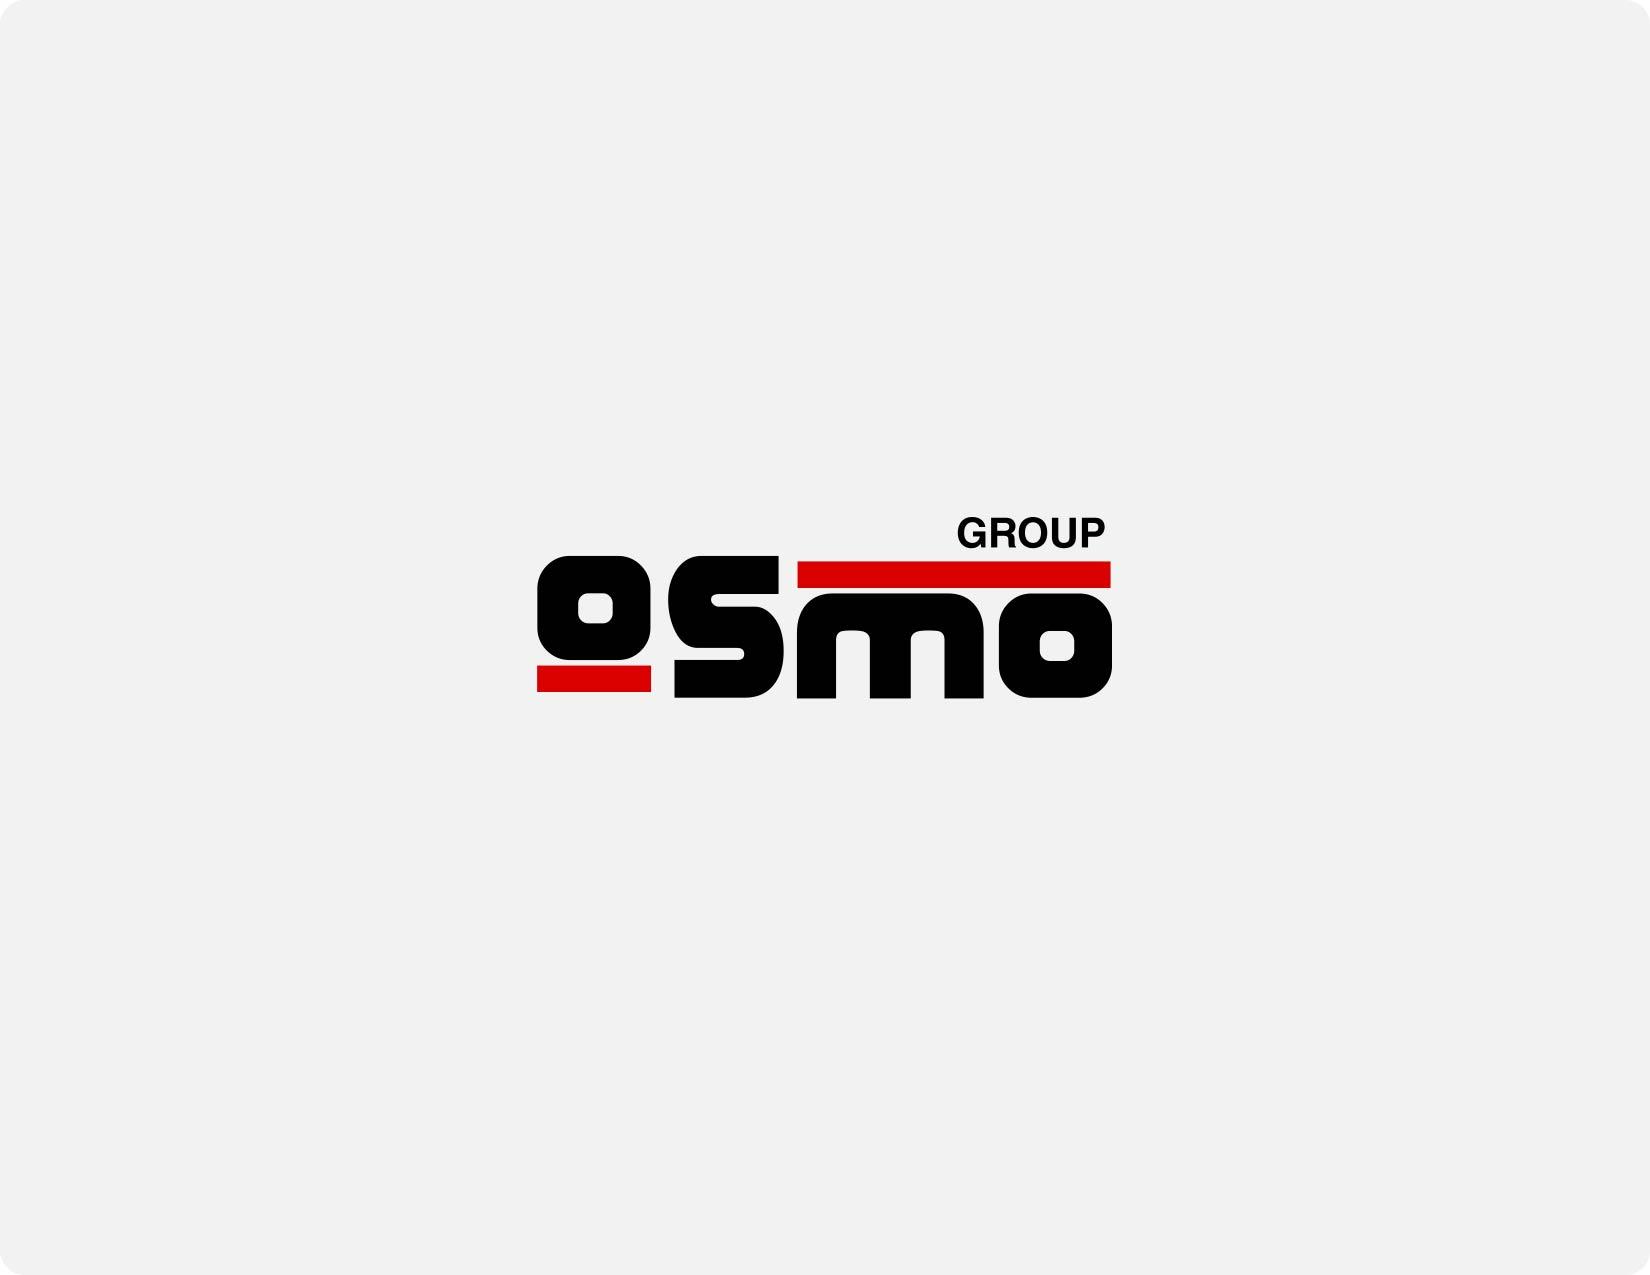 Создание логотипа для строительной компании OSMO group  фото f_29659b6f0400d549.jpg